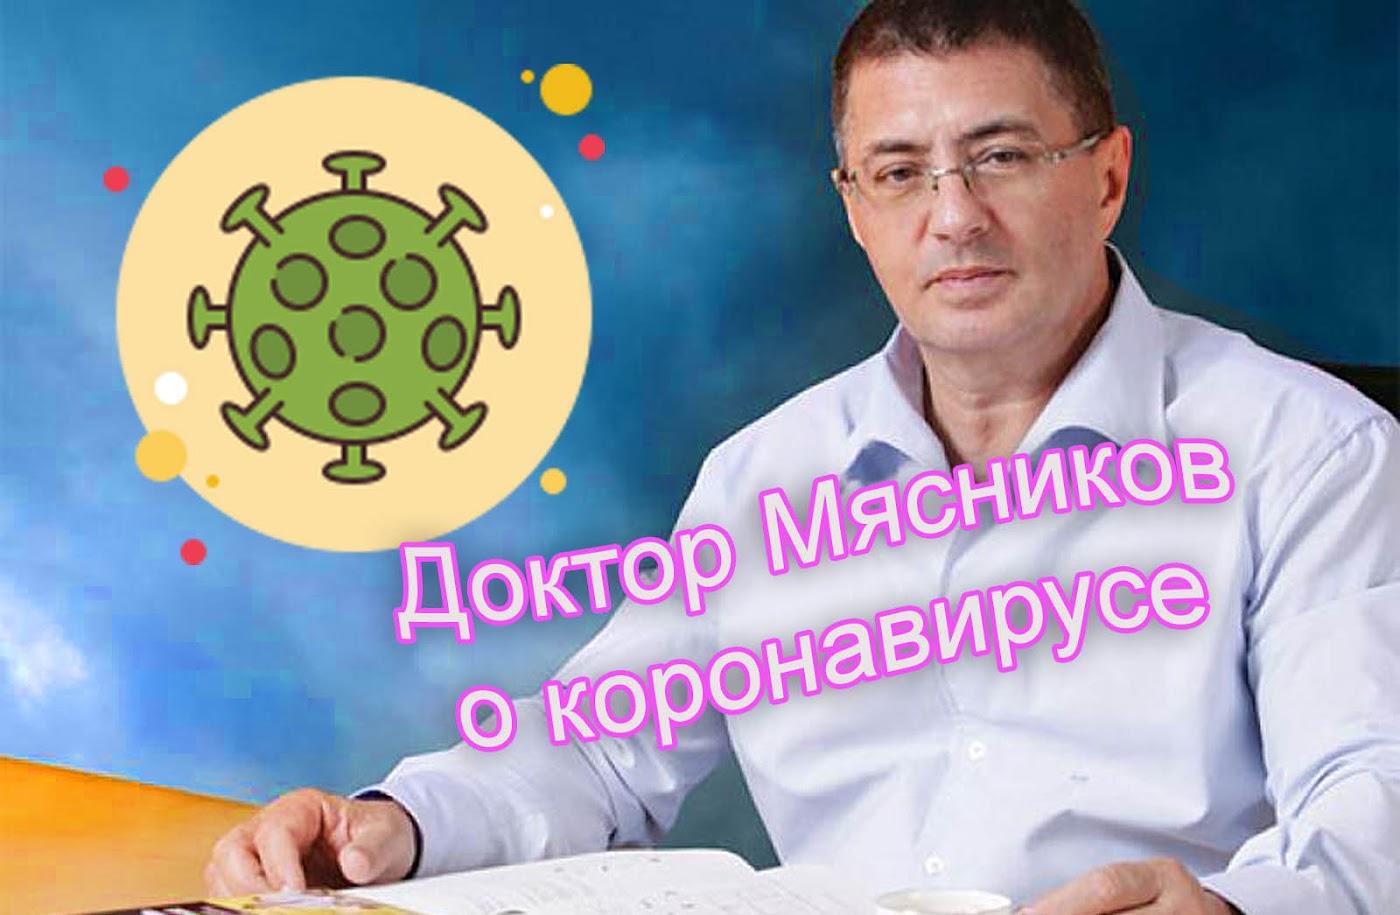 Доктор Мясников о коронавирусе и ОРЗ